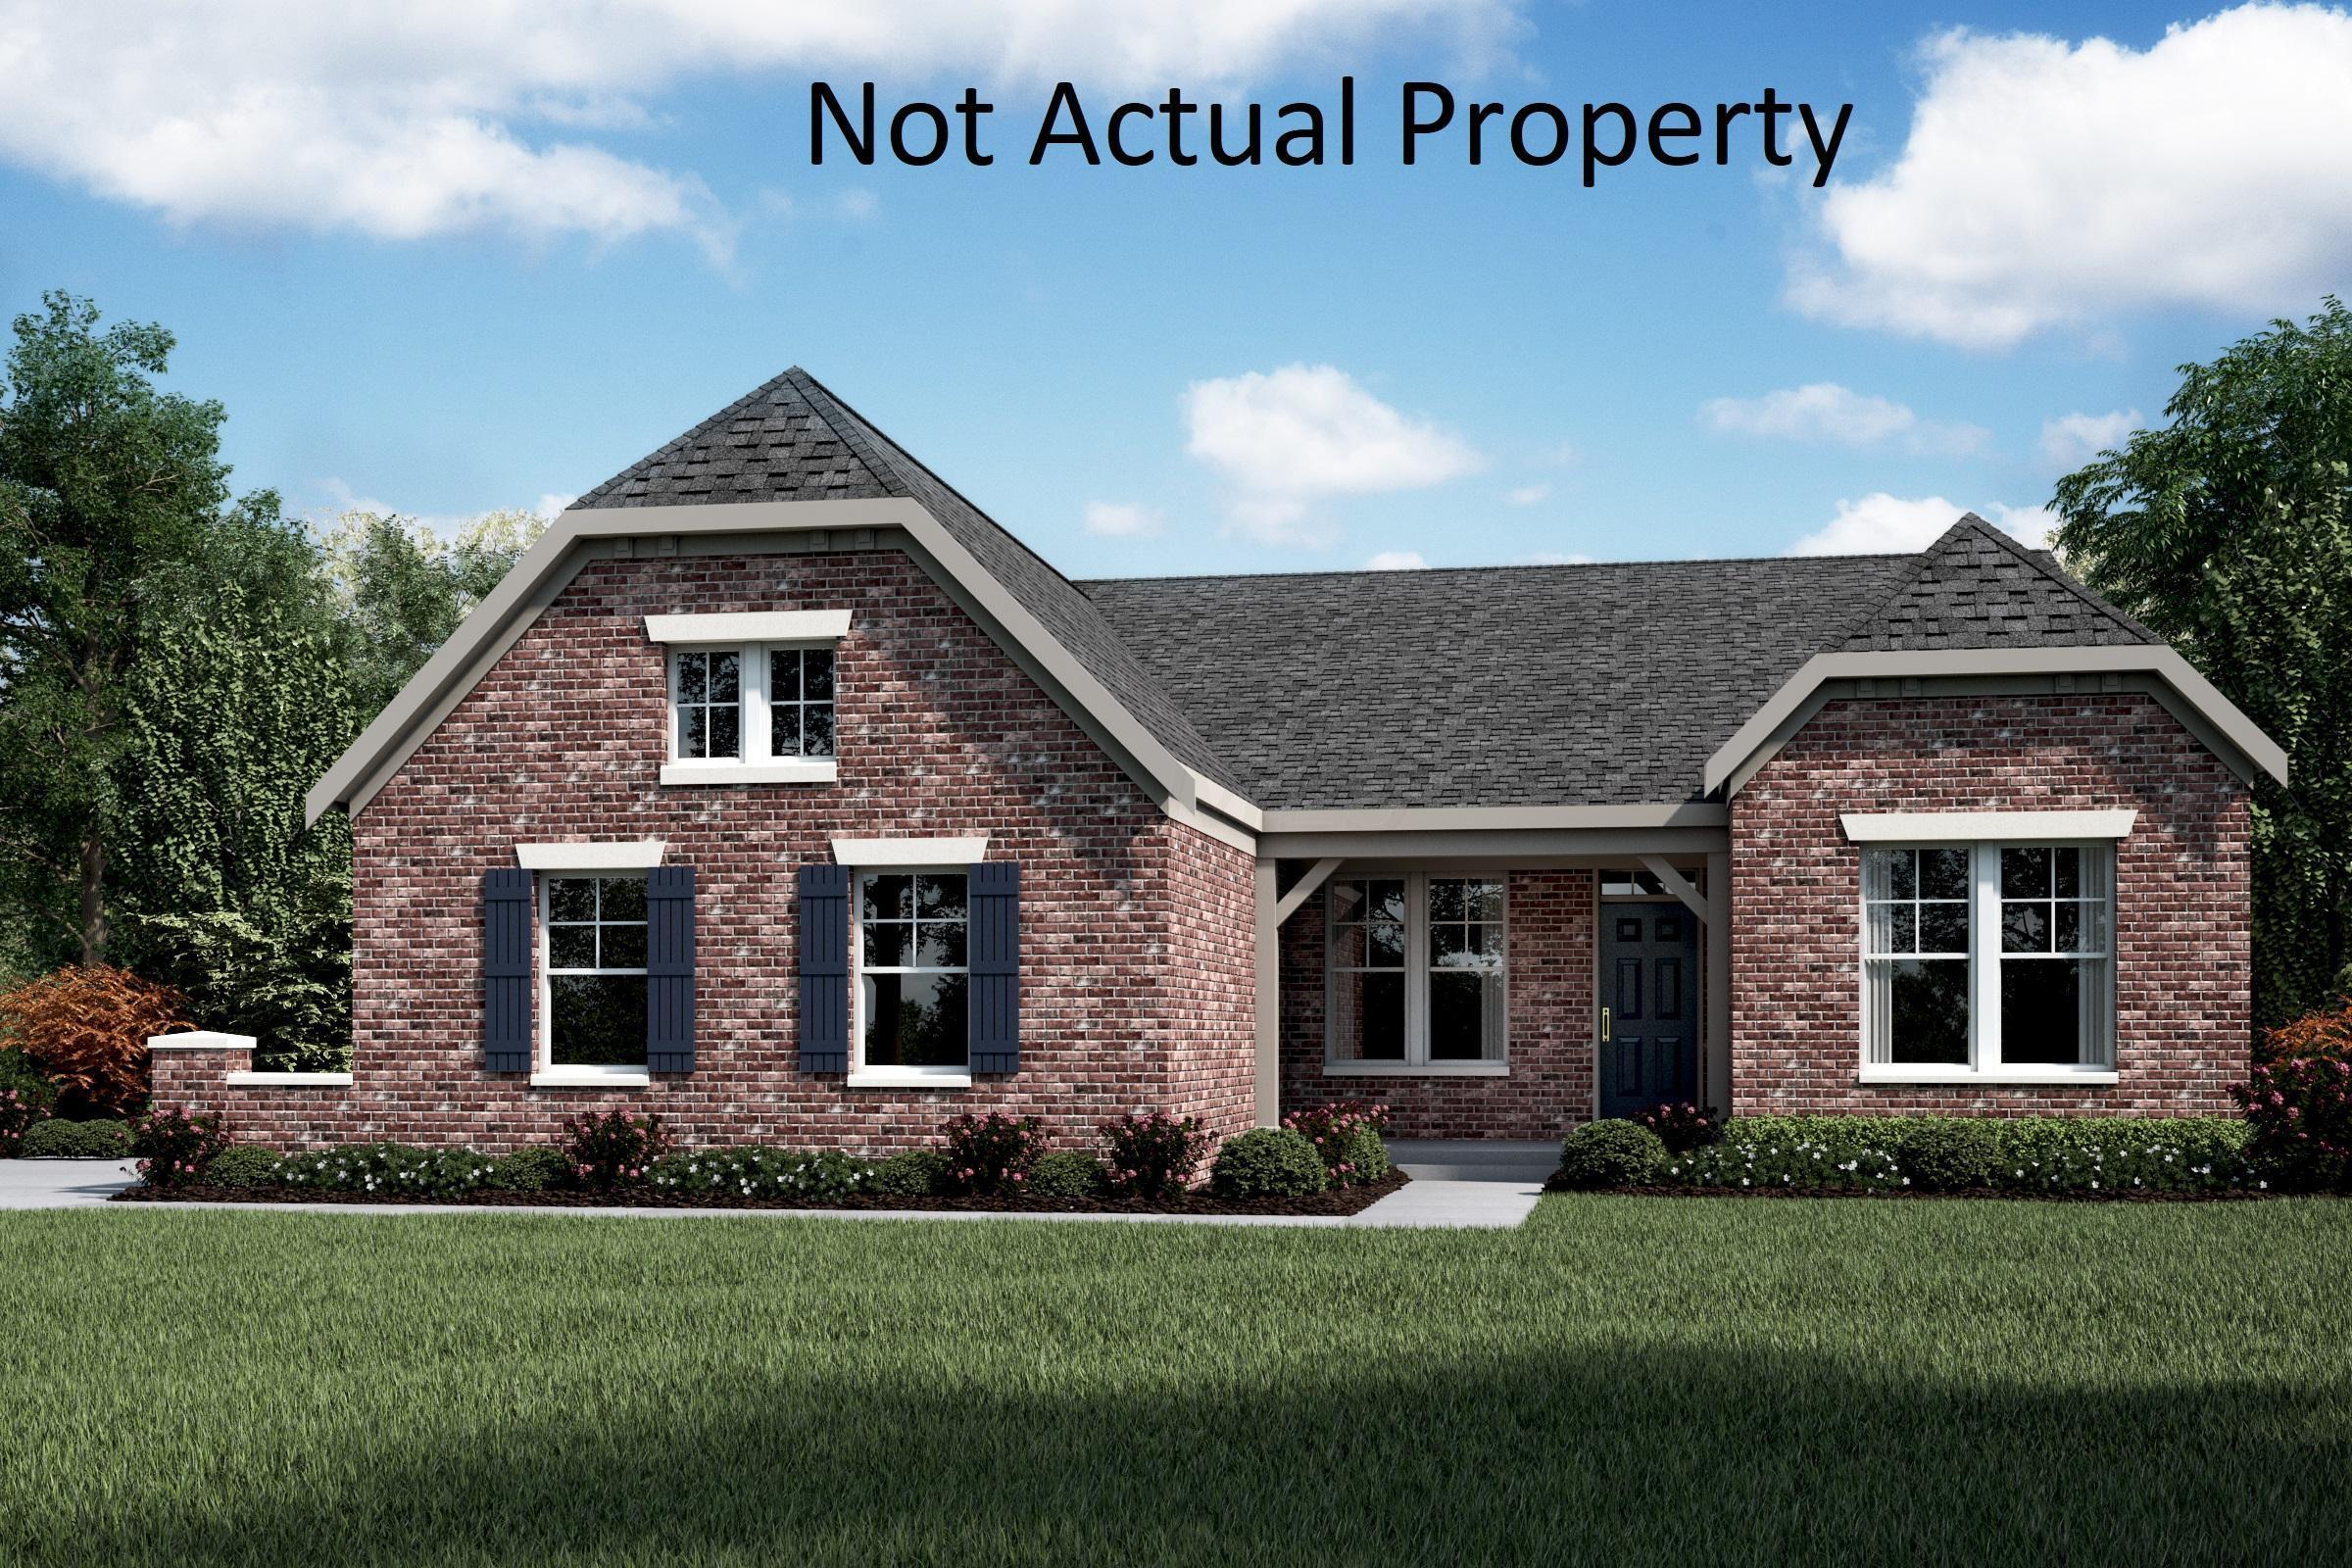 Single Family Freestanding for sale 6098 Willow Aster Glenn , Grove City, OH 43123, MLS# 220021840